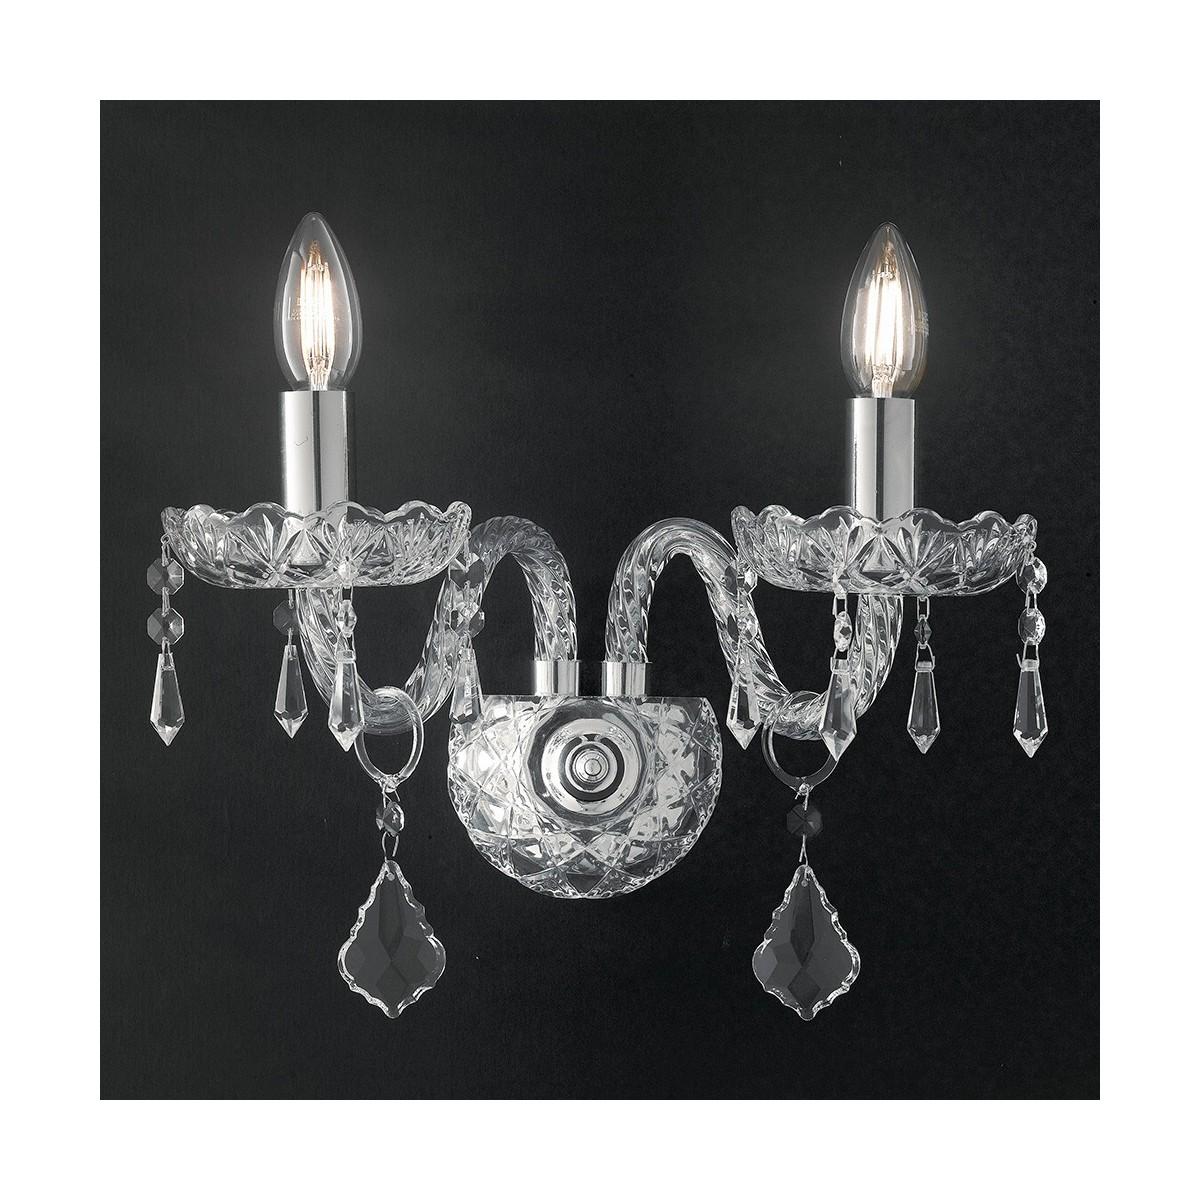 I-INCANTO/AP2 - Applique Vetro Cristallo Finiture Cromo Lampada da Parete Classica E14